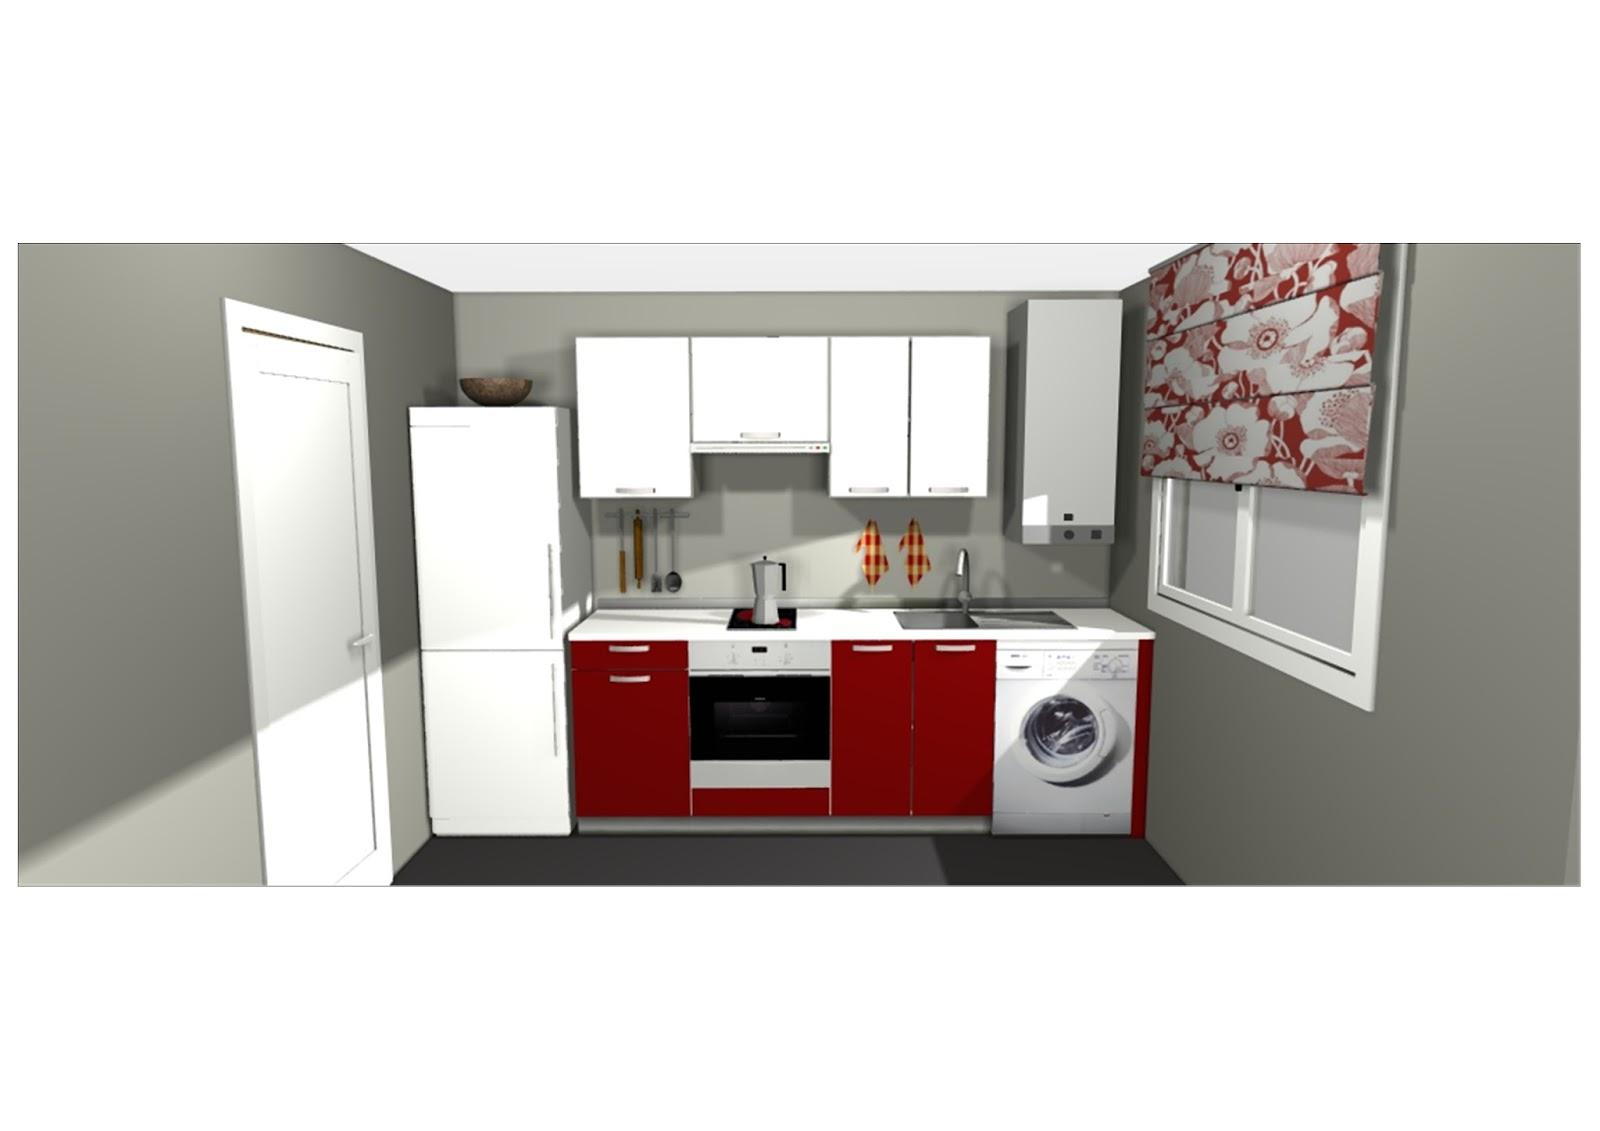 Simulador de cocinas 3d ideas de disenos for Simulador de muebles de cocina online